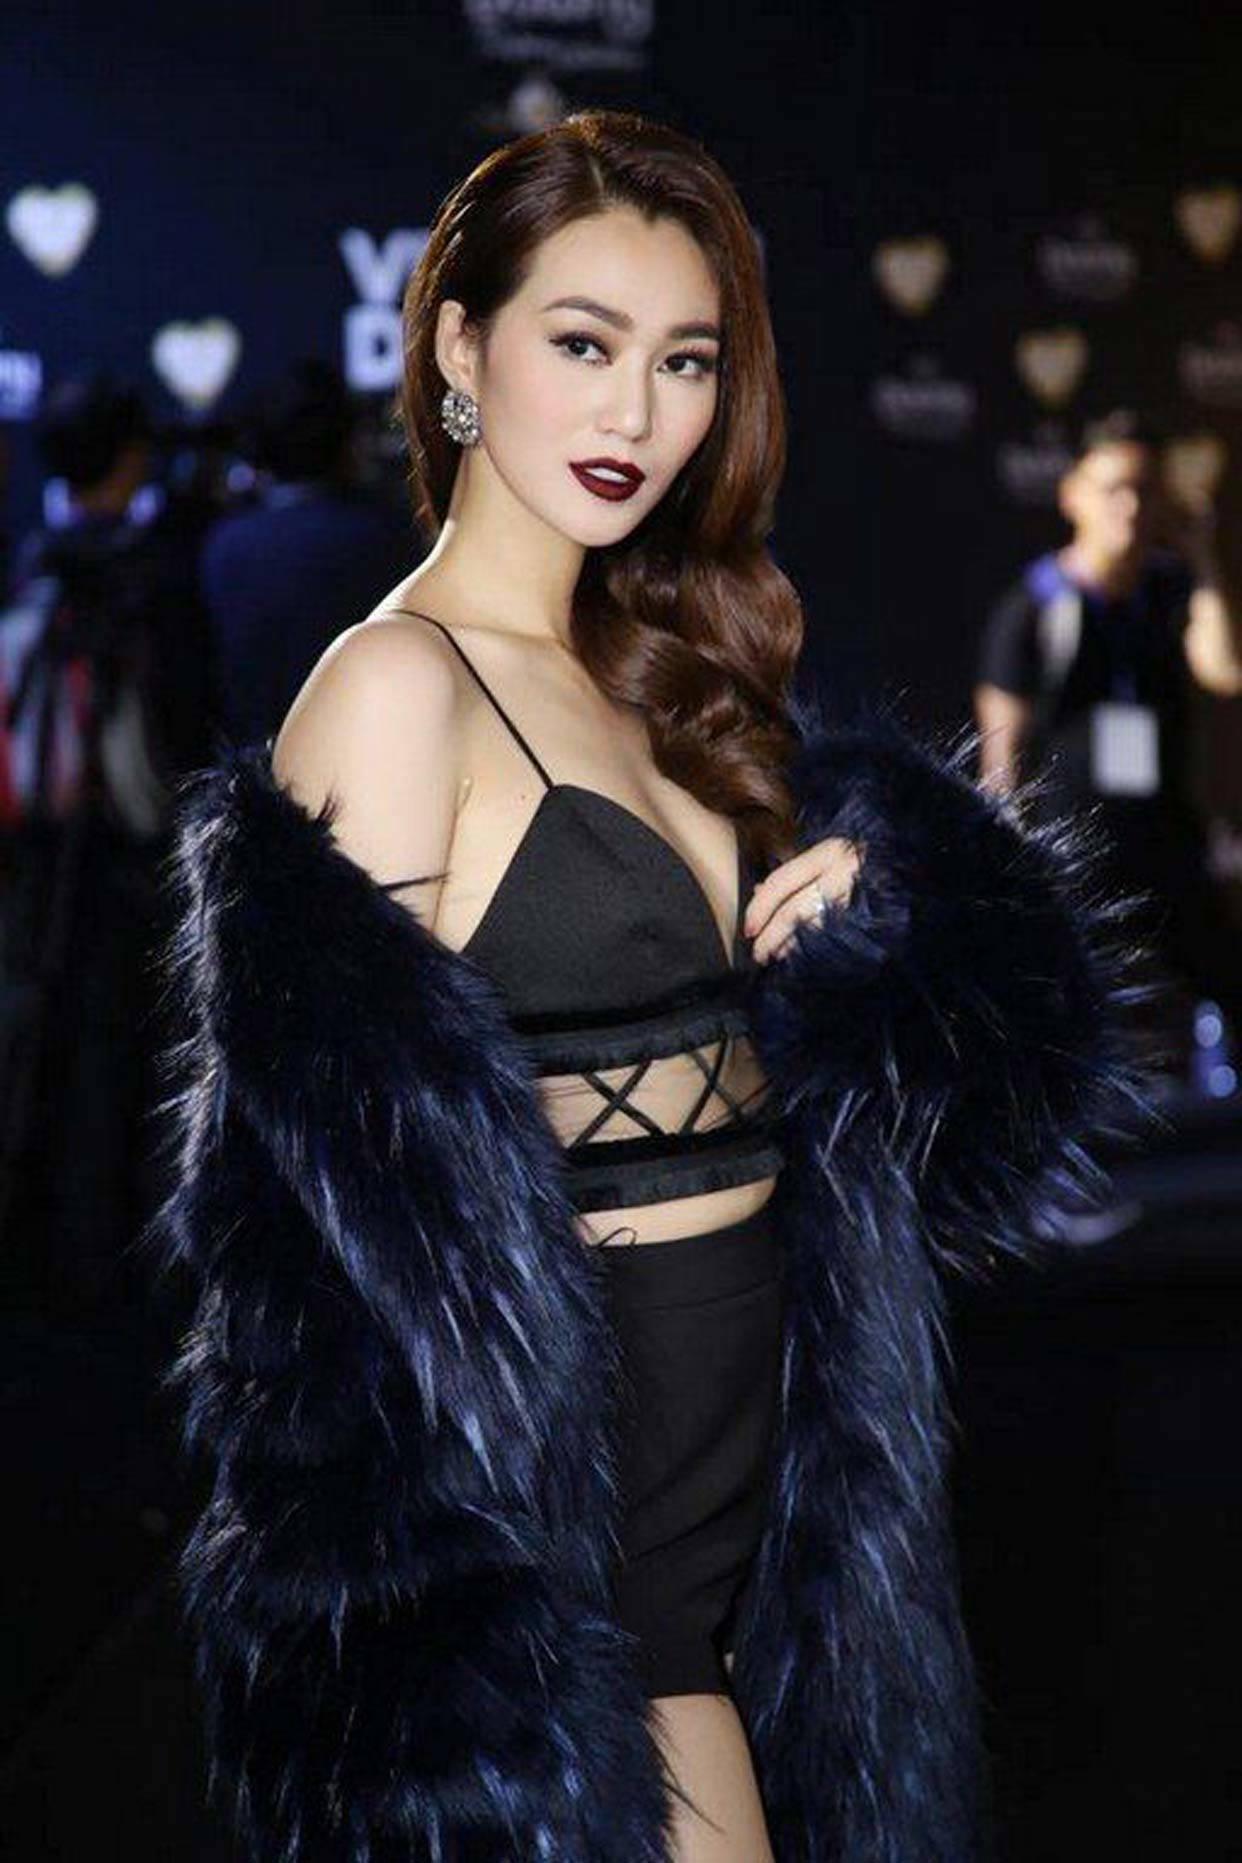 Chua ret nhung hang loat sao Viet da 'chiu nong' de dien ao long cho sang?